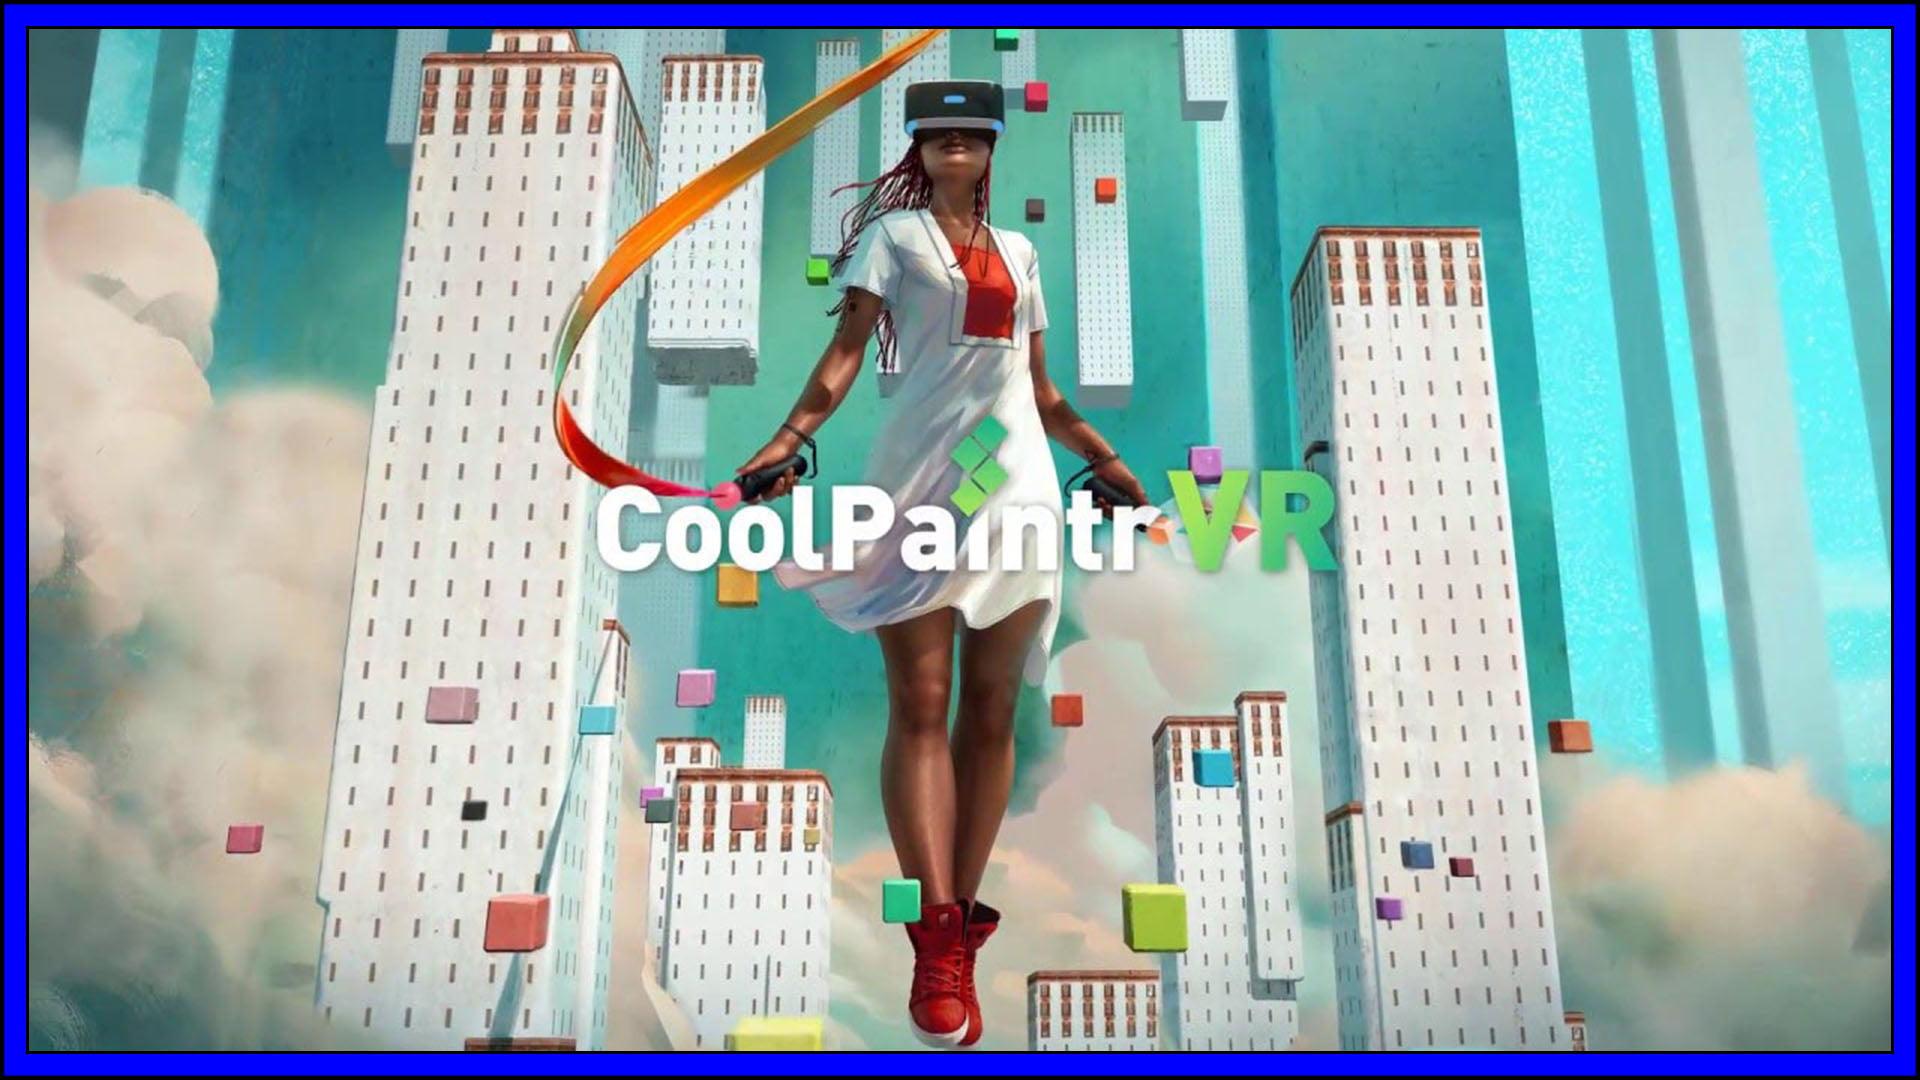 CoolPaintrVR Fi3